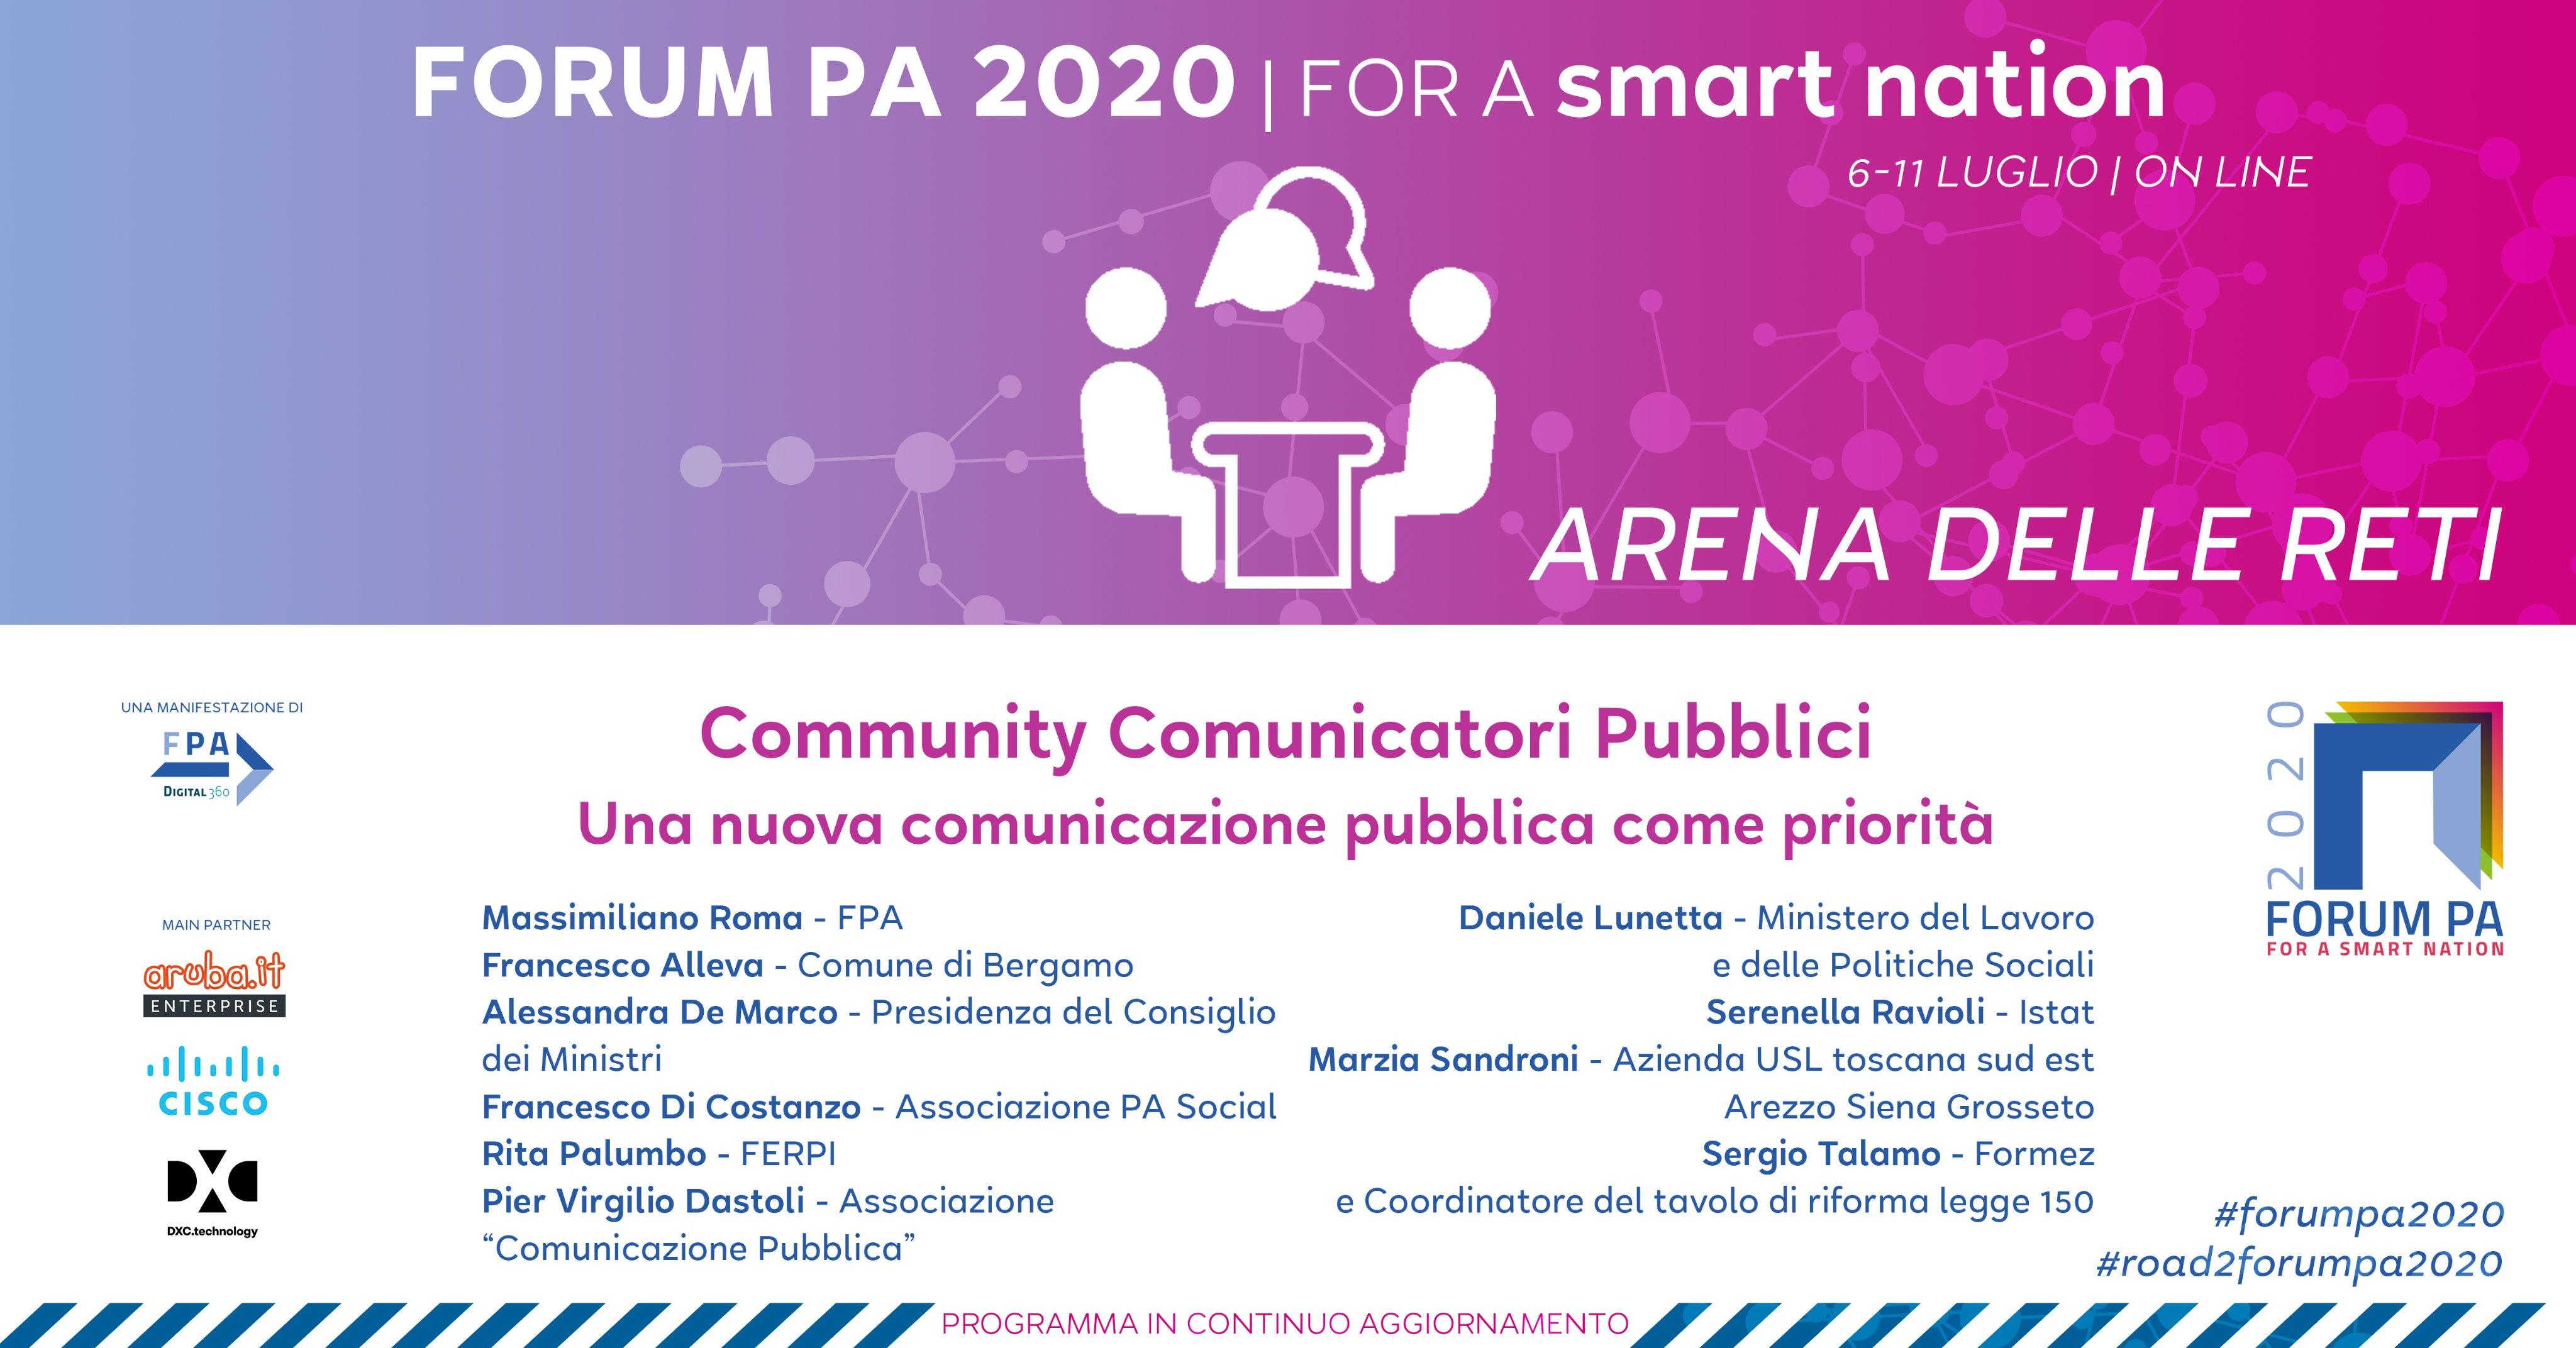 Community Comunicatori Pubblici – Una nuova comunicazione pubblica come priorità